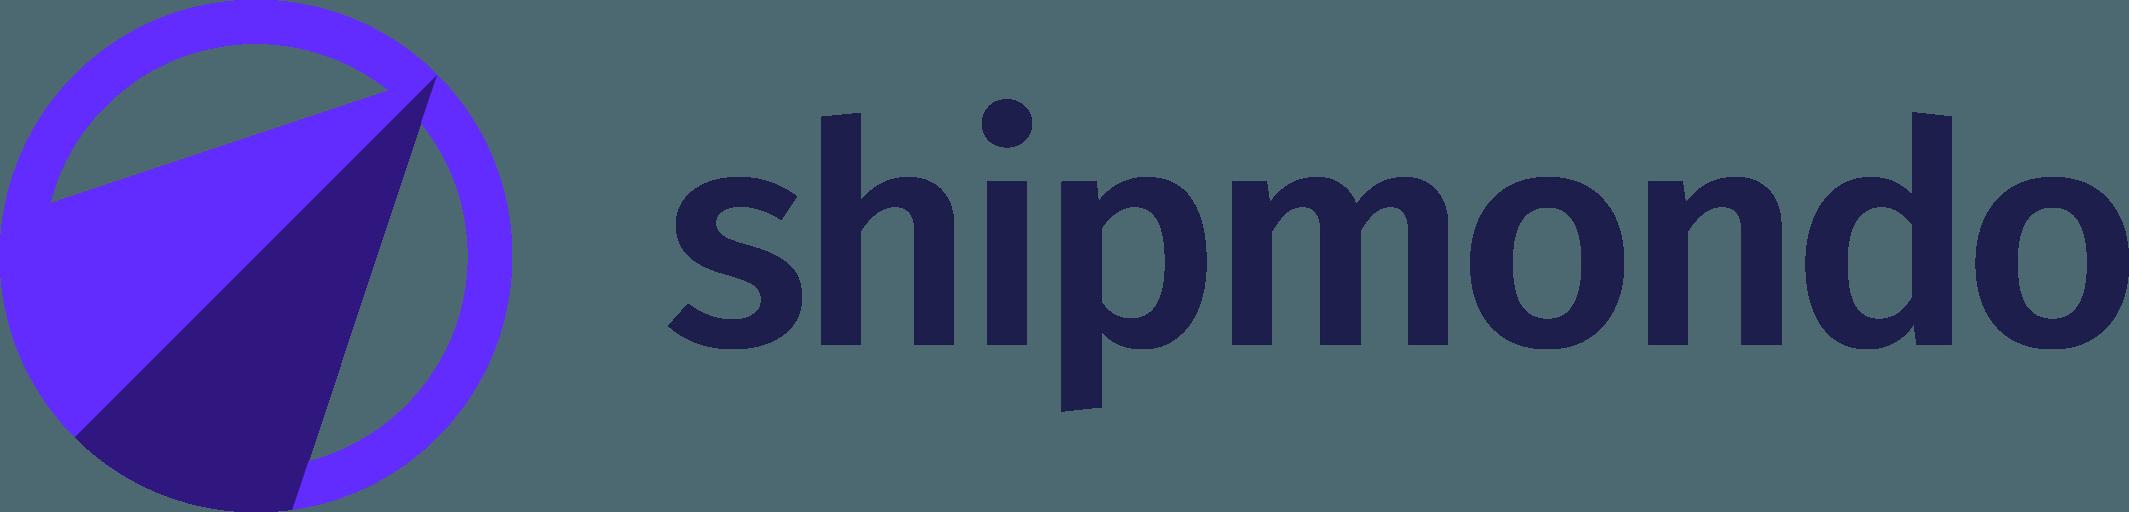 Shipmondo logo